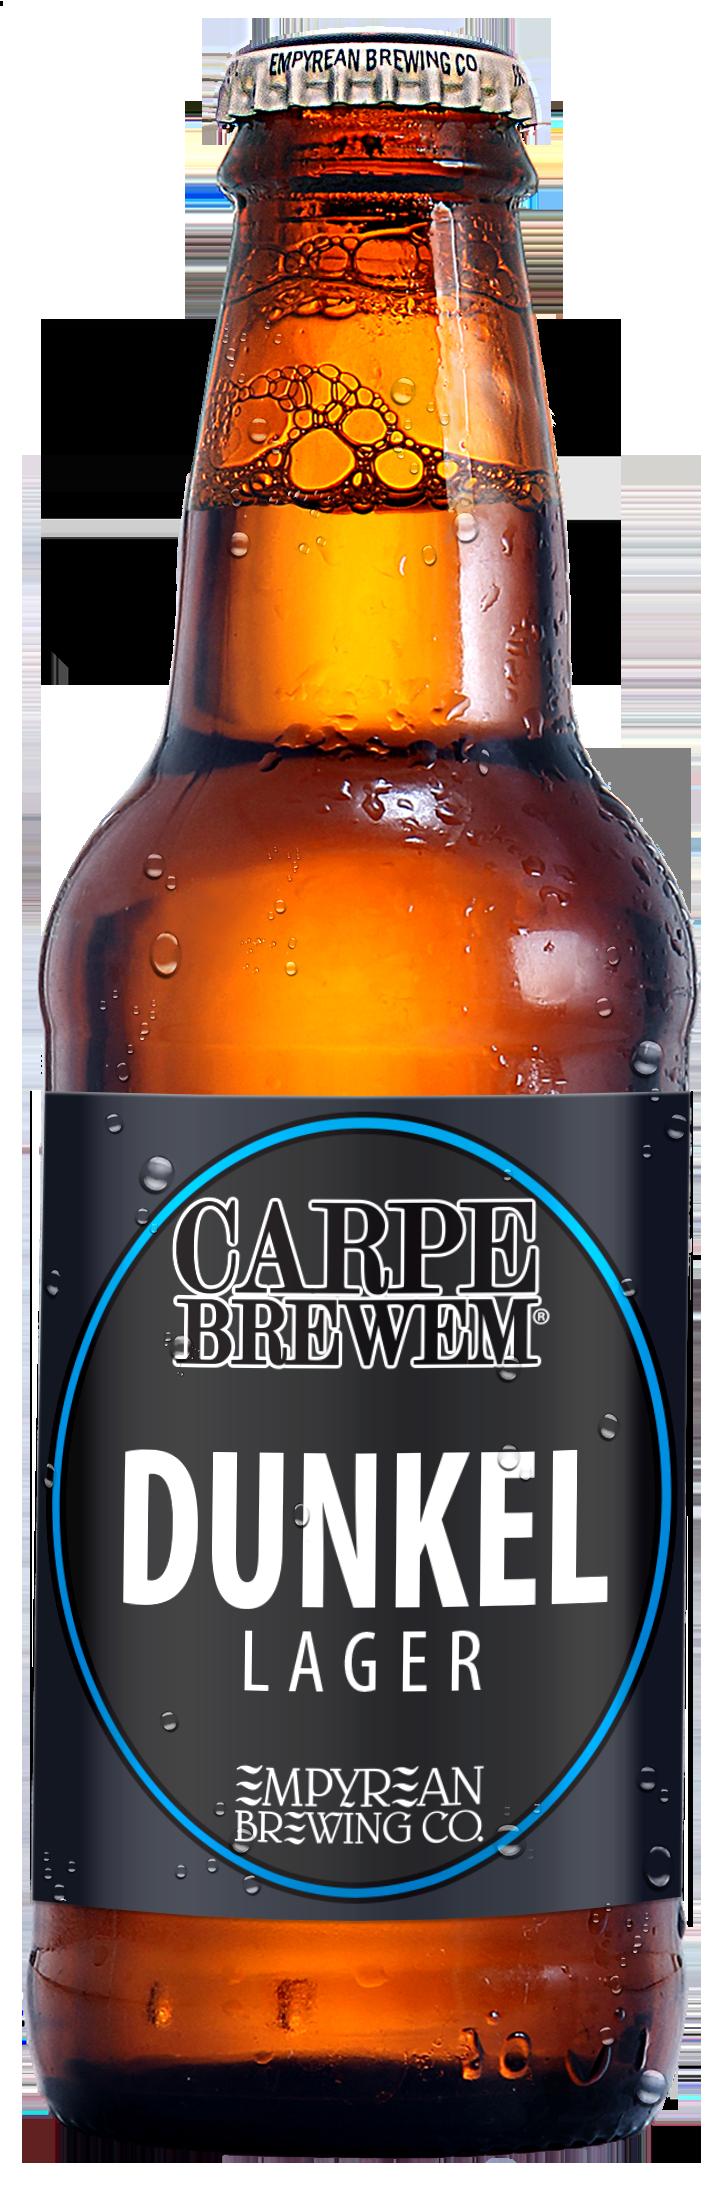 CB-Dunkel Lager Bottle